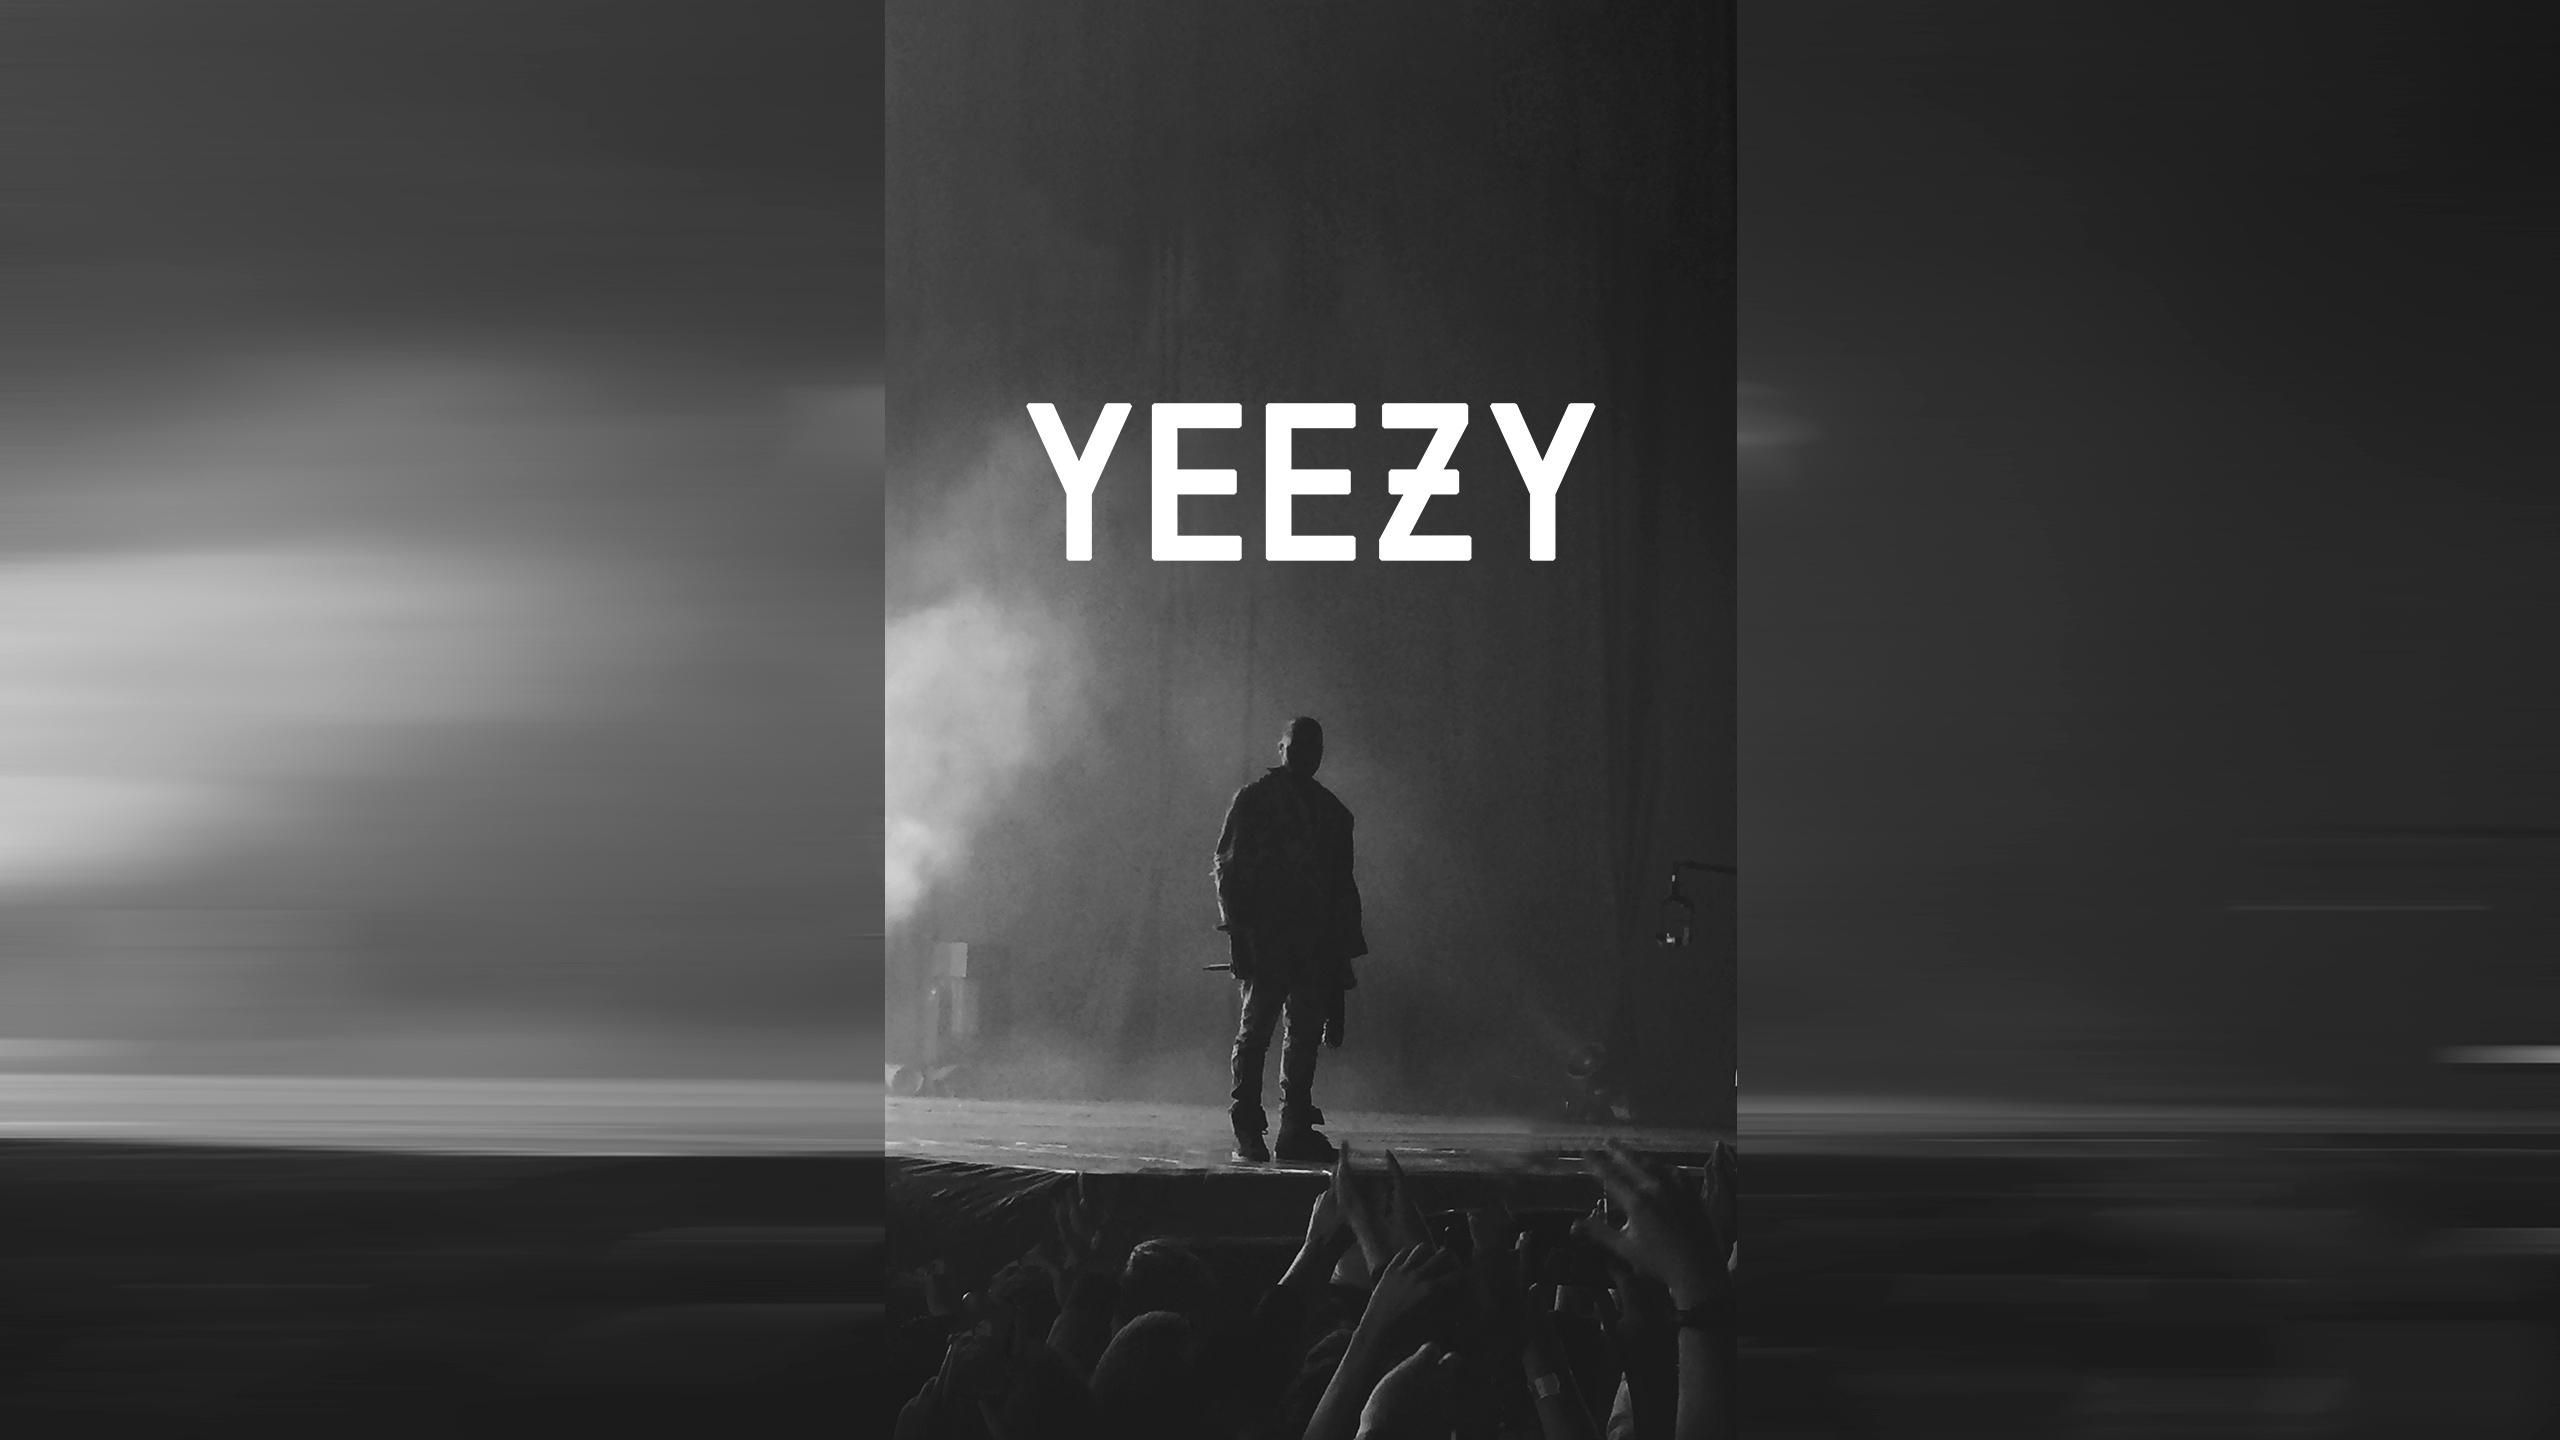 Kanye West Yeezy Wallpaper